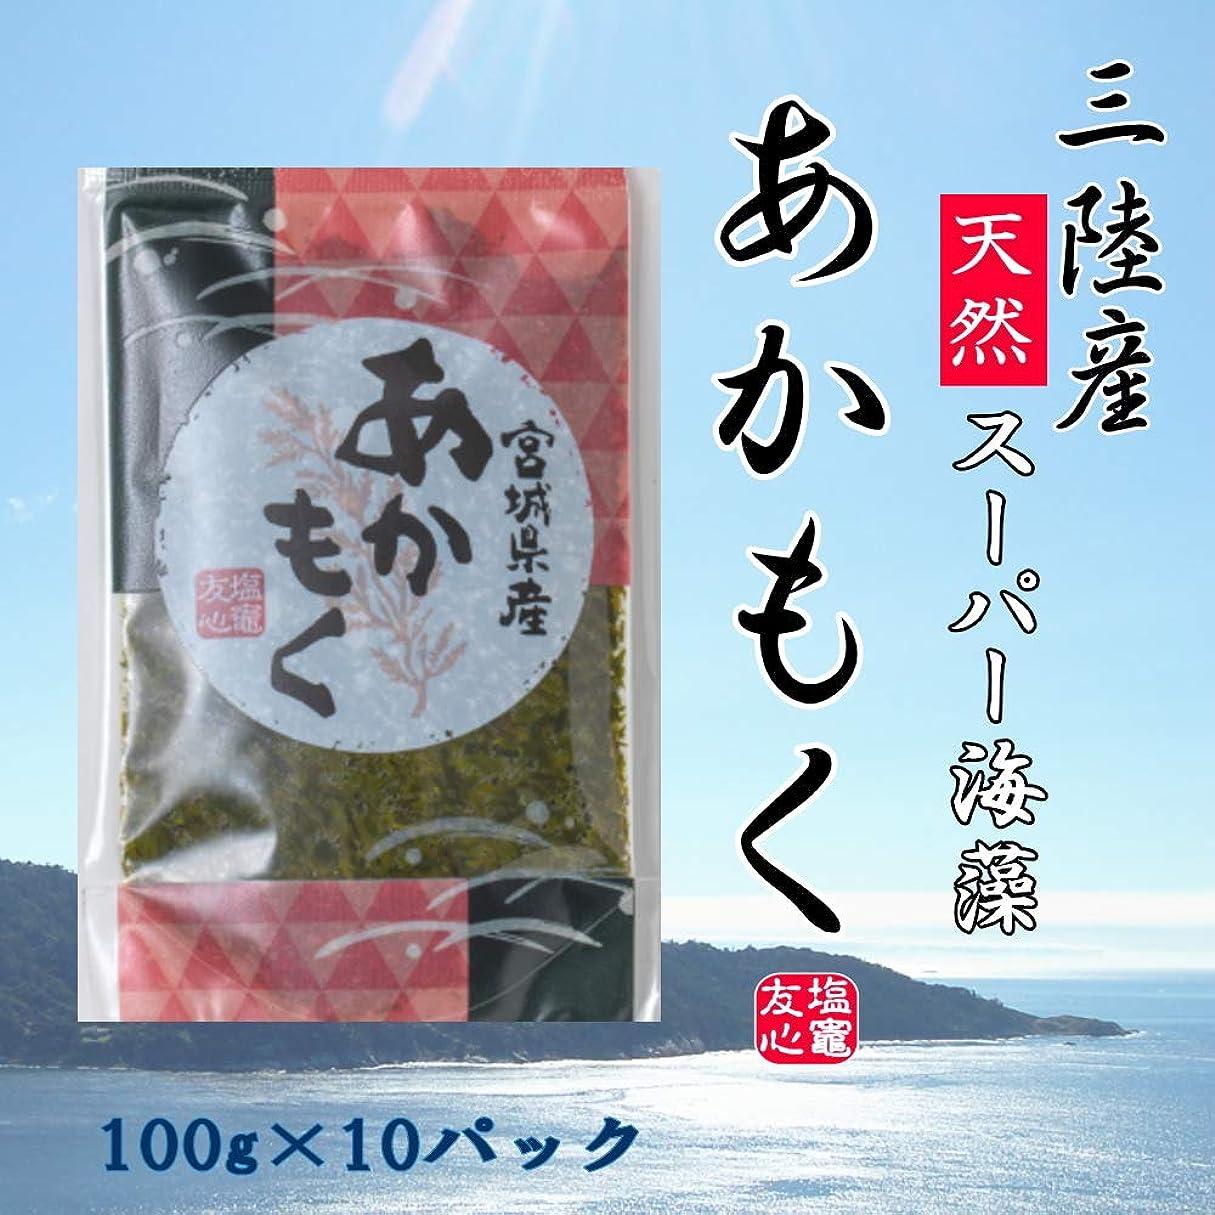 四分円日食弱めるあかもく(ギバサ) 100g×10パック入り 三陸宮城県産 冷凍